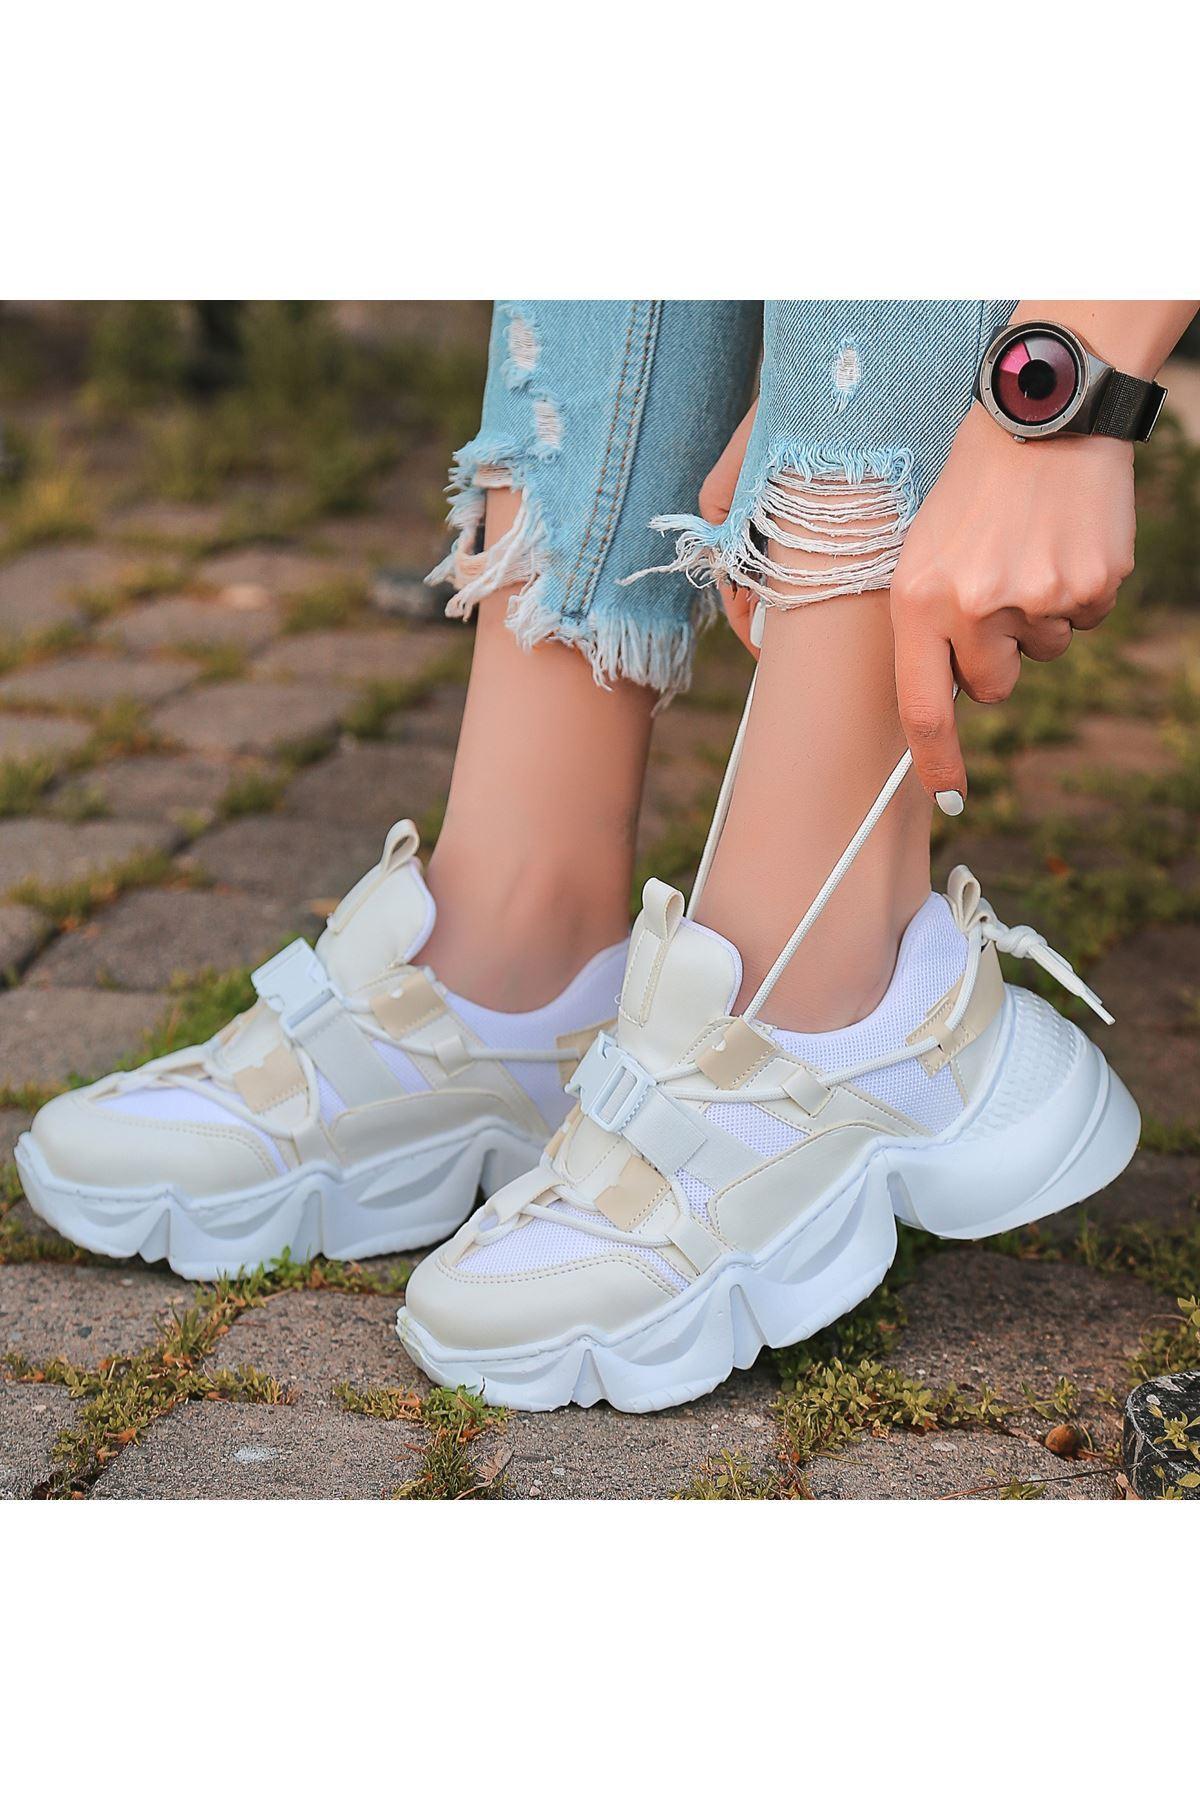 Maine Beyaz Cilt Krem Detaylı Spor Ayakkabı